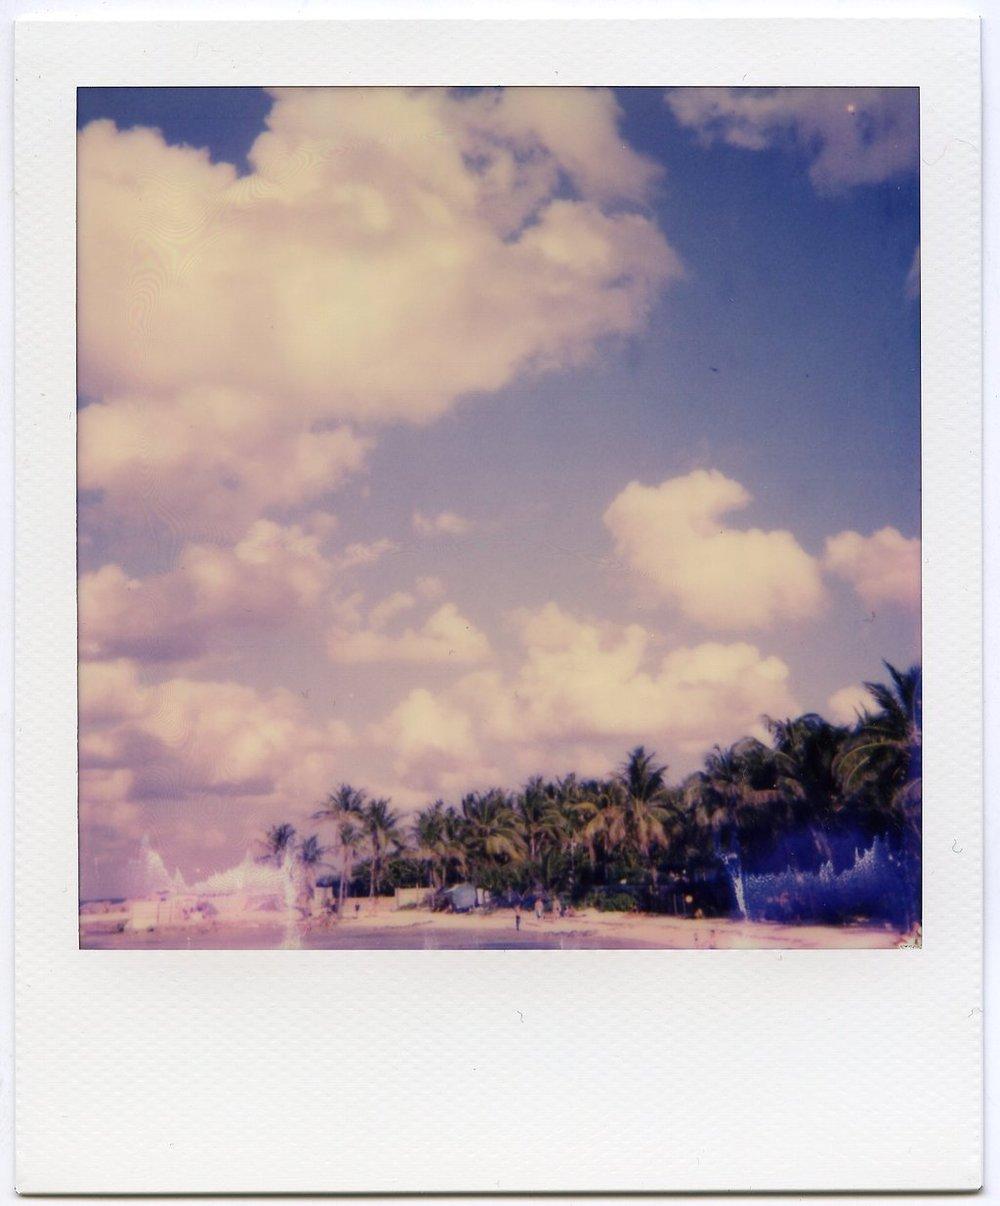 polaroid_cancun_032.jpg